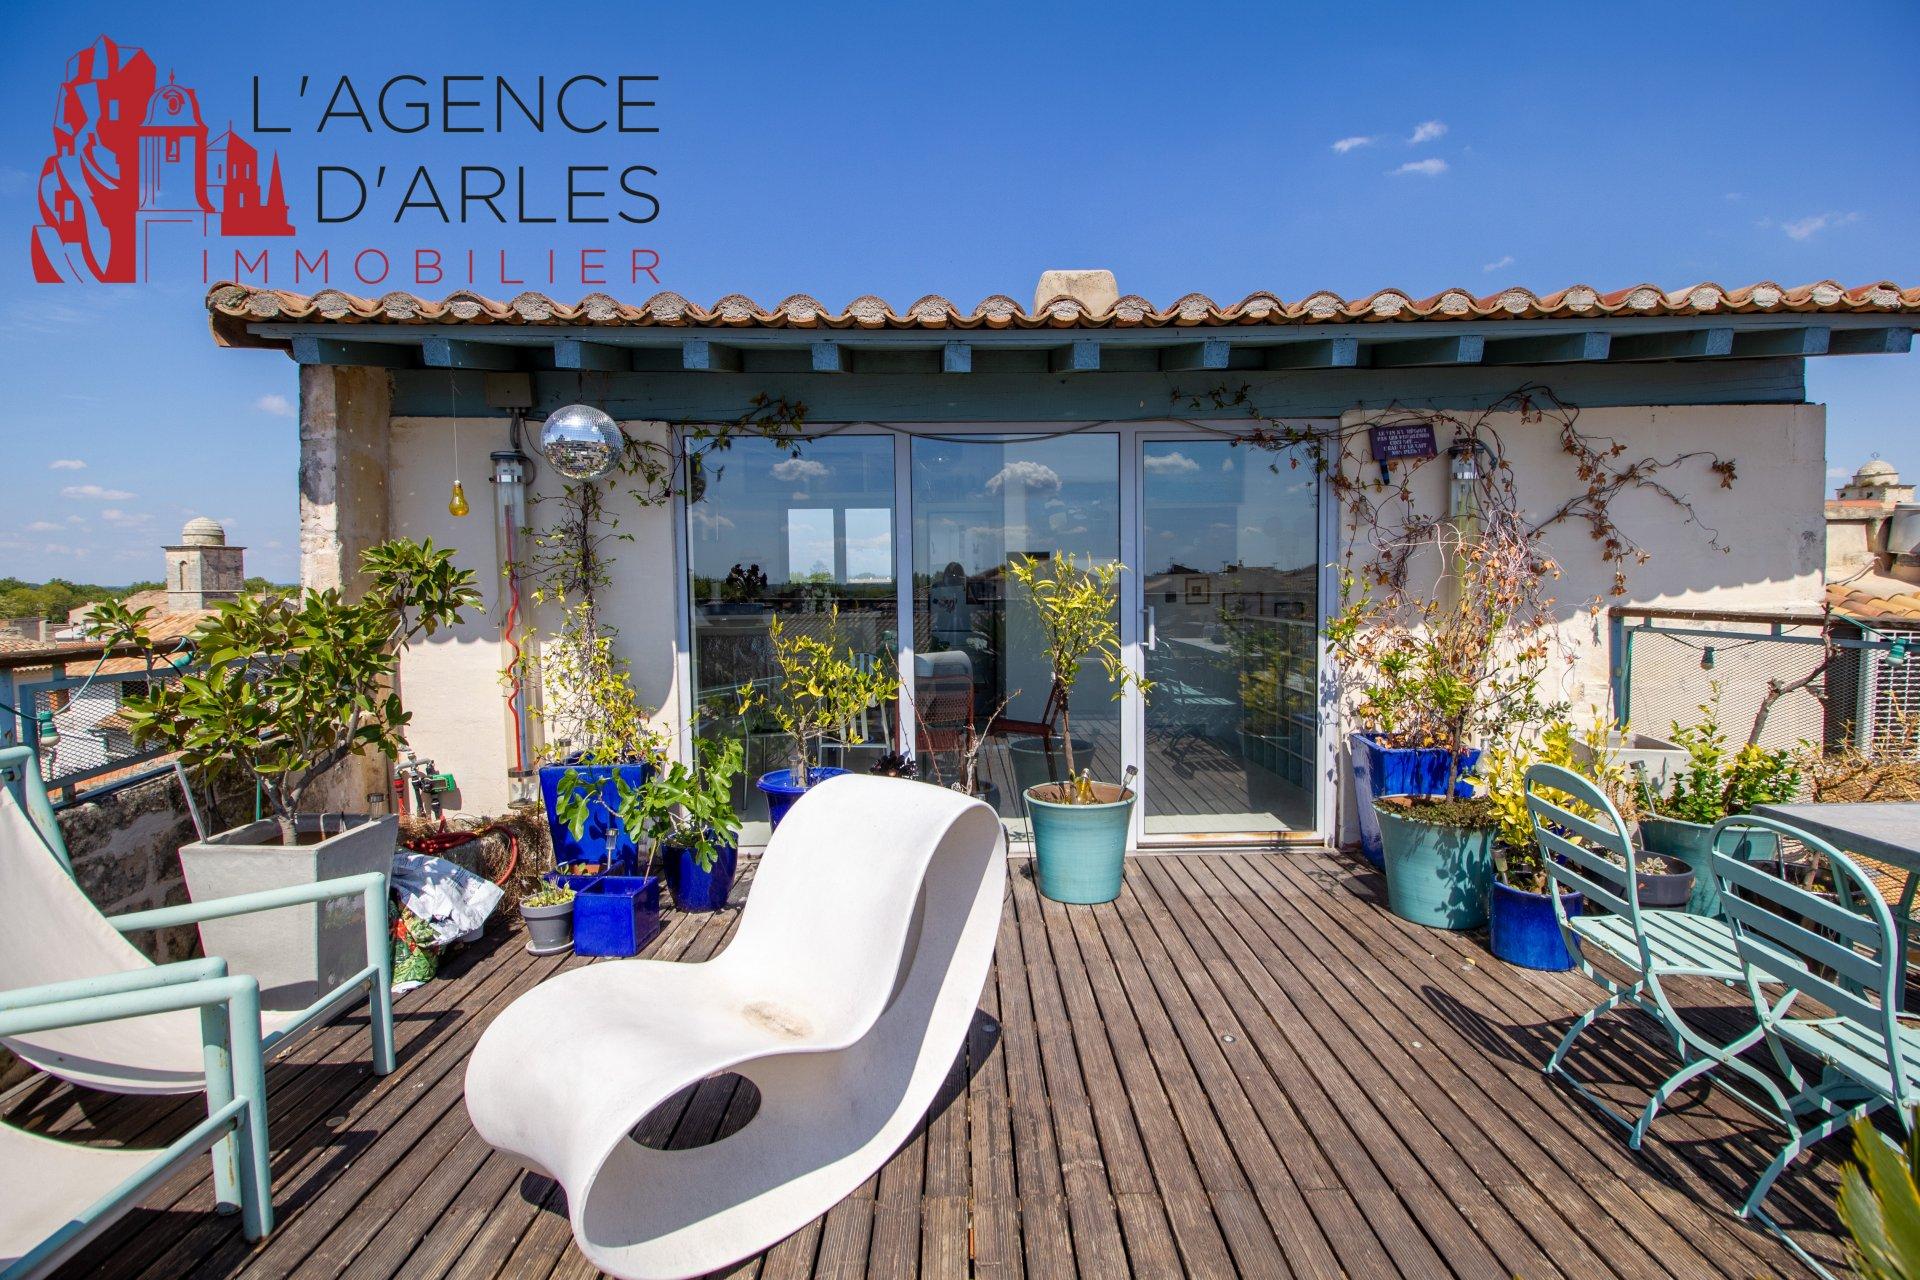 Arles, maison de ville avec cour intérieure et terrasse sur les toits